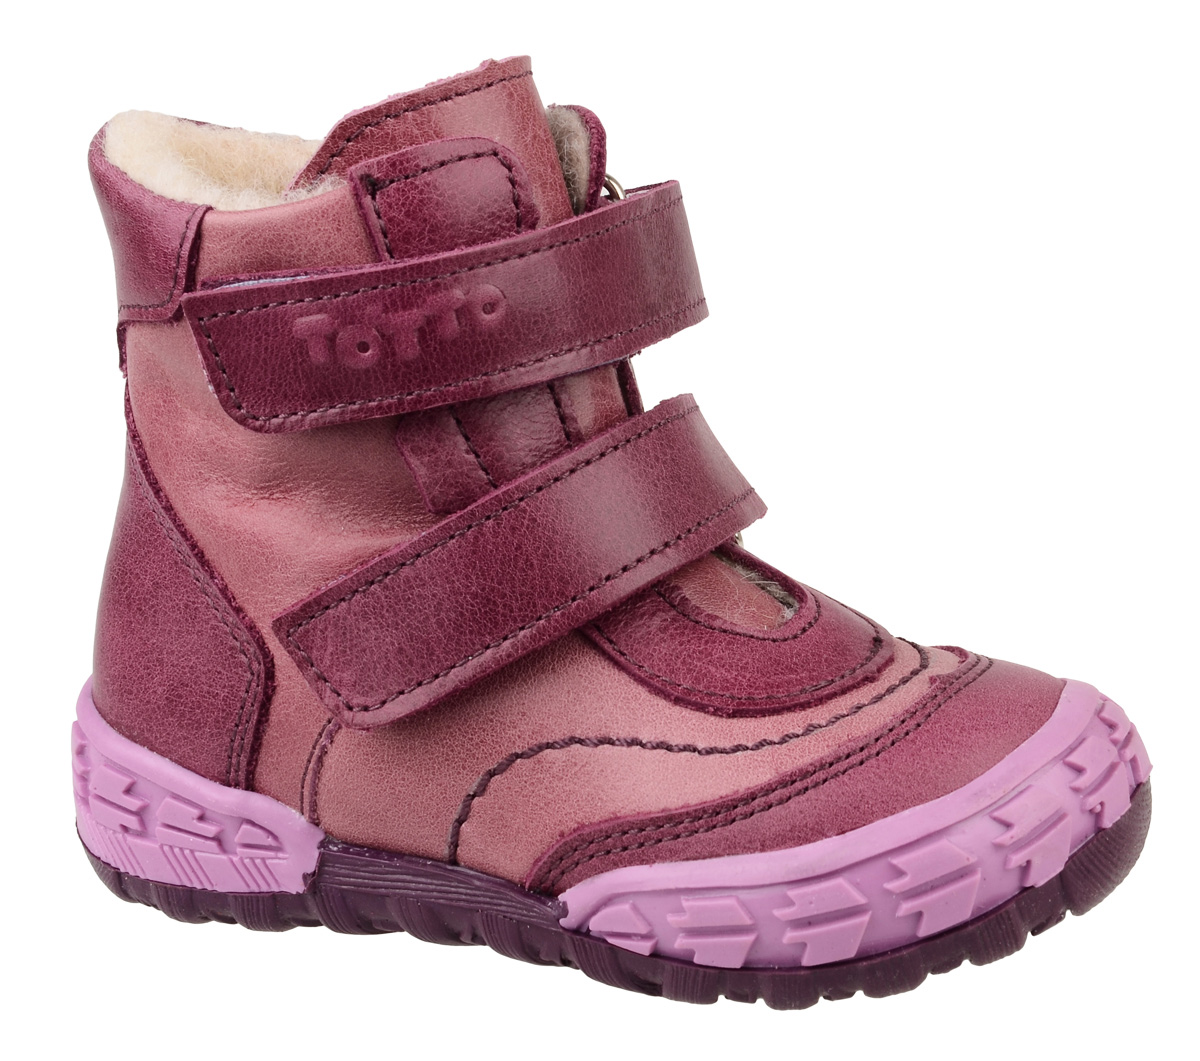 Ботинки для девочки Тотто, цвет: бордовый, сиреневый. 133-БП. Размер 23133-БПБотинки для девочки Тотто - это ортопедическая обувь, которая помогает правильному формированию стопы ребенка. Такая обувь необходима в детском возрасте для коррекции стоп при плоскостопии и вальгусной деформации, а также для профилактики этих состояний. Она обеспечивает правильное распределение нагрузки на передний отдел стопы и пятку, за счет чего малыш лучше удерживает равновесие и чувствует себя более уверенно. Обувь Тотто идеально подходит для детей, которые только начали ходить.Верх ботинок выполнен из натуральной кожи. Подошва изготовлена из легкого, гибкого и прочного термопластичного материала, она смягчает удары от соприкосновения обуви с поверхностью, защищая детскую ножку от травм. Протектор подошвы обеспечивает надежное сцепление с землей или асфальтом. Внутренняя поверхность отделана байкой. Ботинки застегиваются с помощью ремешков на липучки, благодаря которым можно регулировать объем обуви. Весь модельный ряд Тотто характеризует: плотный захват голеностопа, мягкие нейтрализующие швы, жесткий задник продлен до середины стопы, стельки со сводоподдерживающим эффектом, натуральная кожа.